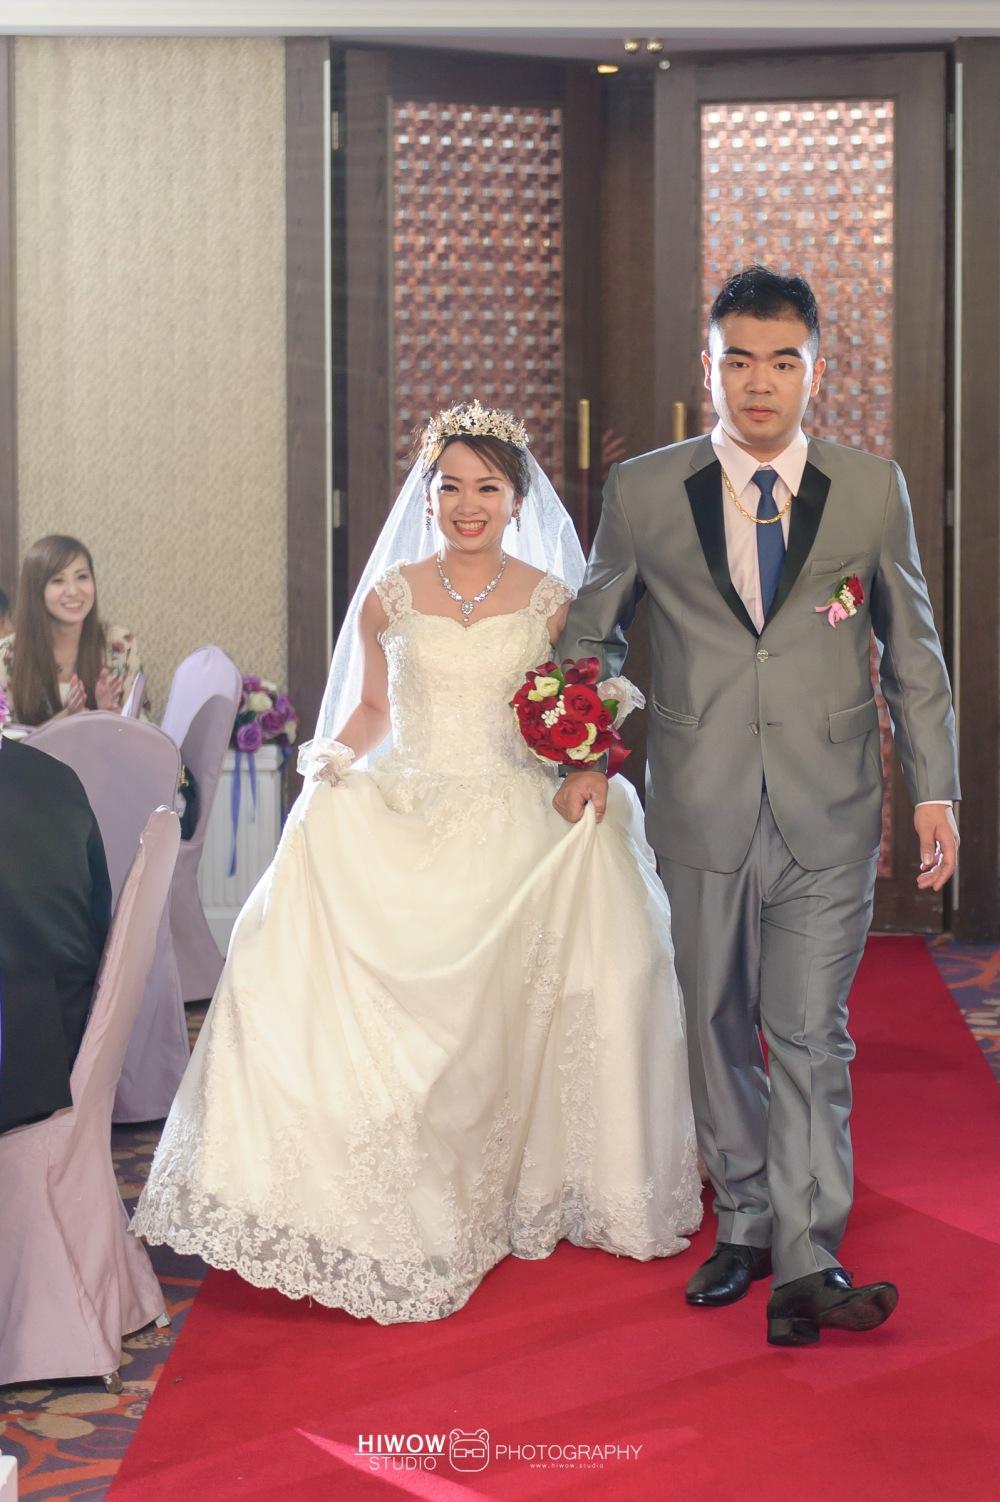 海蛙攝影:austin:hiwal.studio:婚攝:自助婚紗:婚禮紀錄:活動紀錄:淡水:福格飯店:富基采儷婚宴會館64